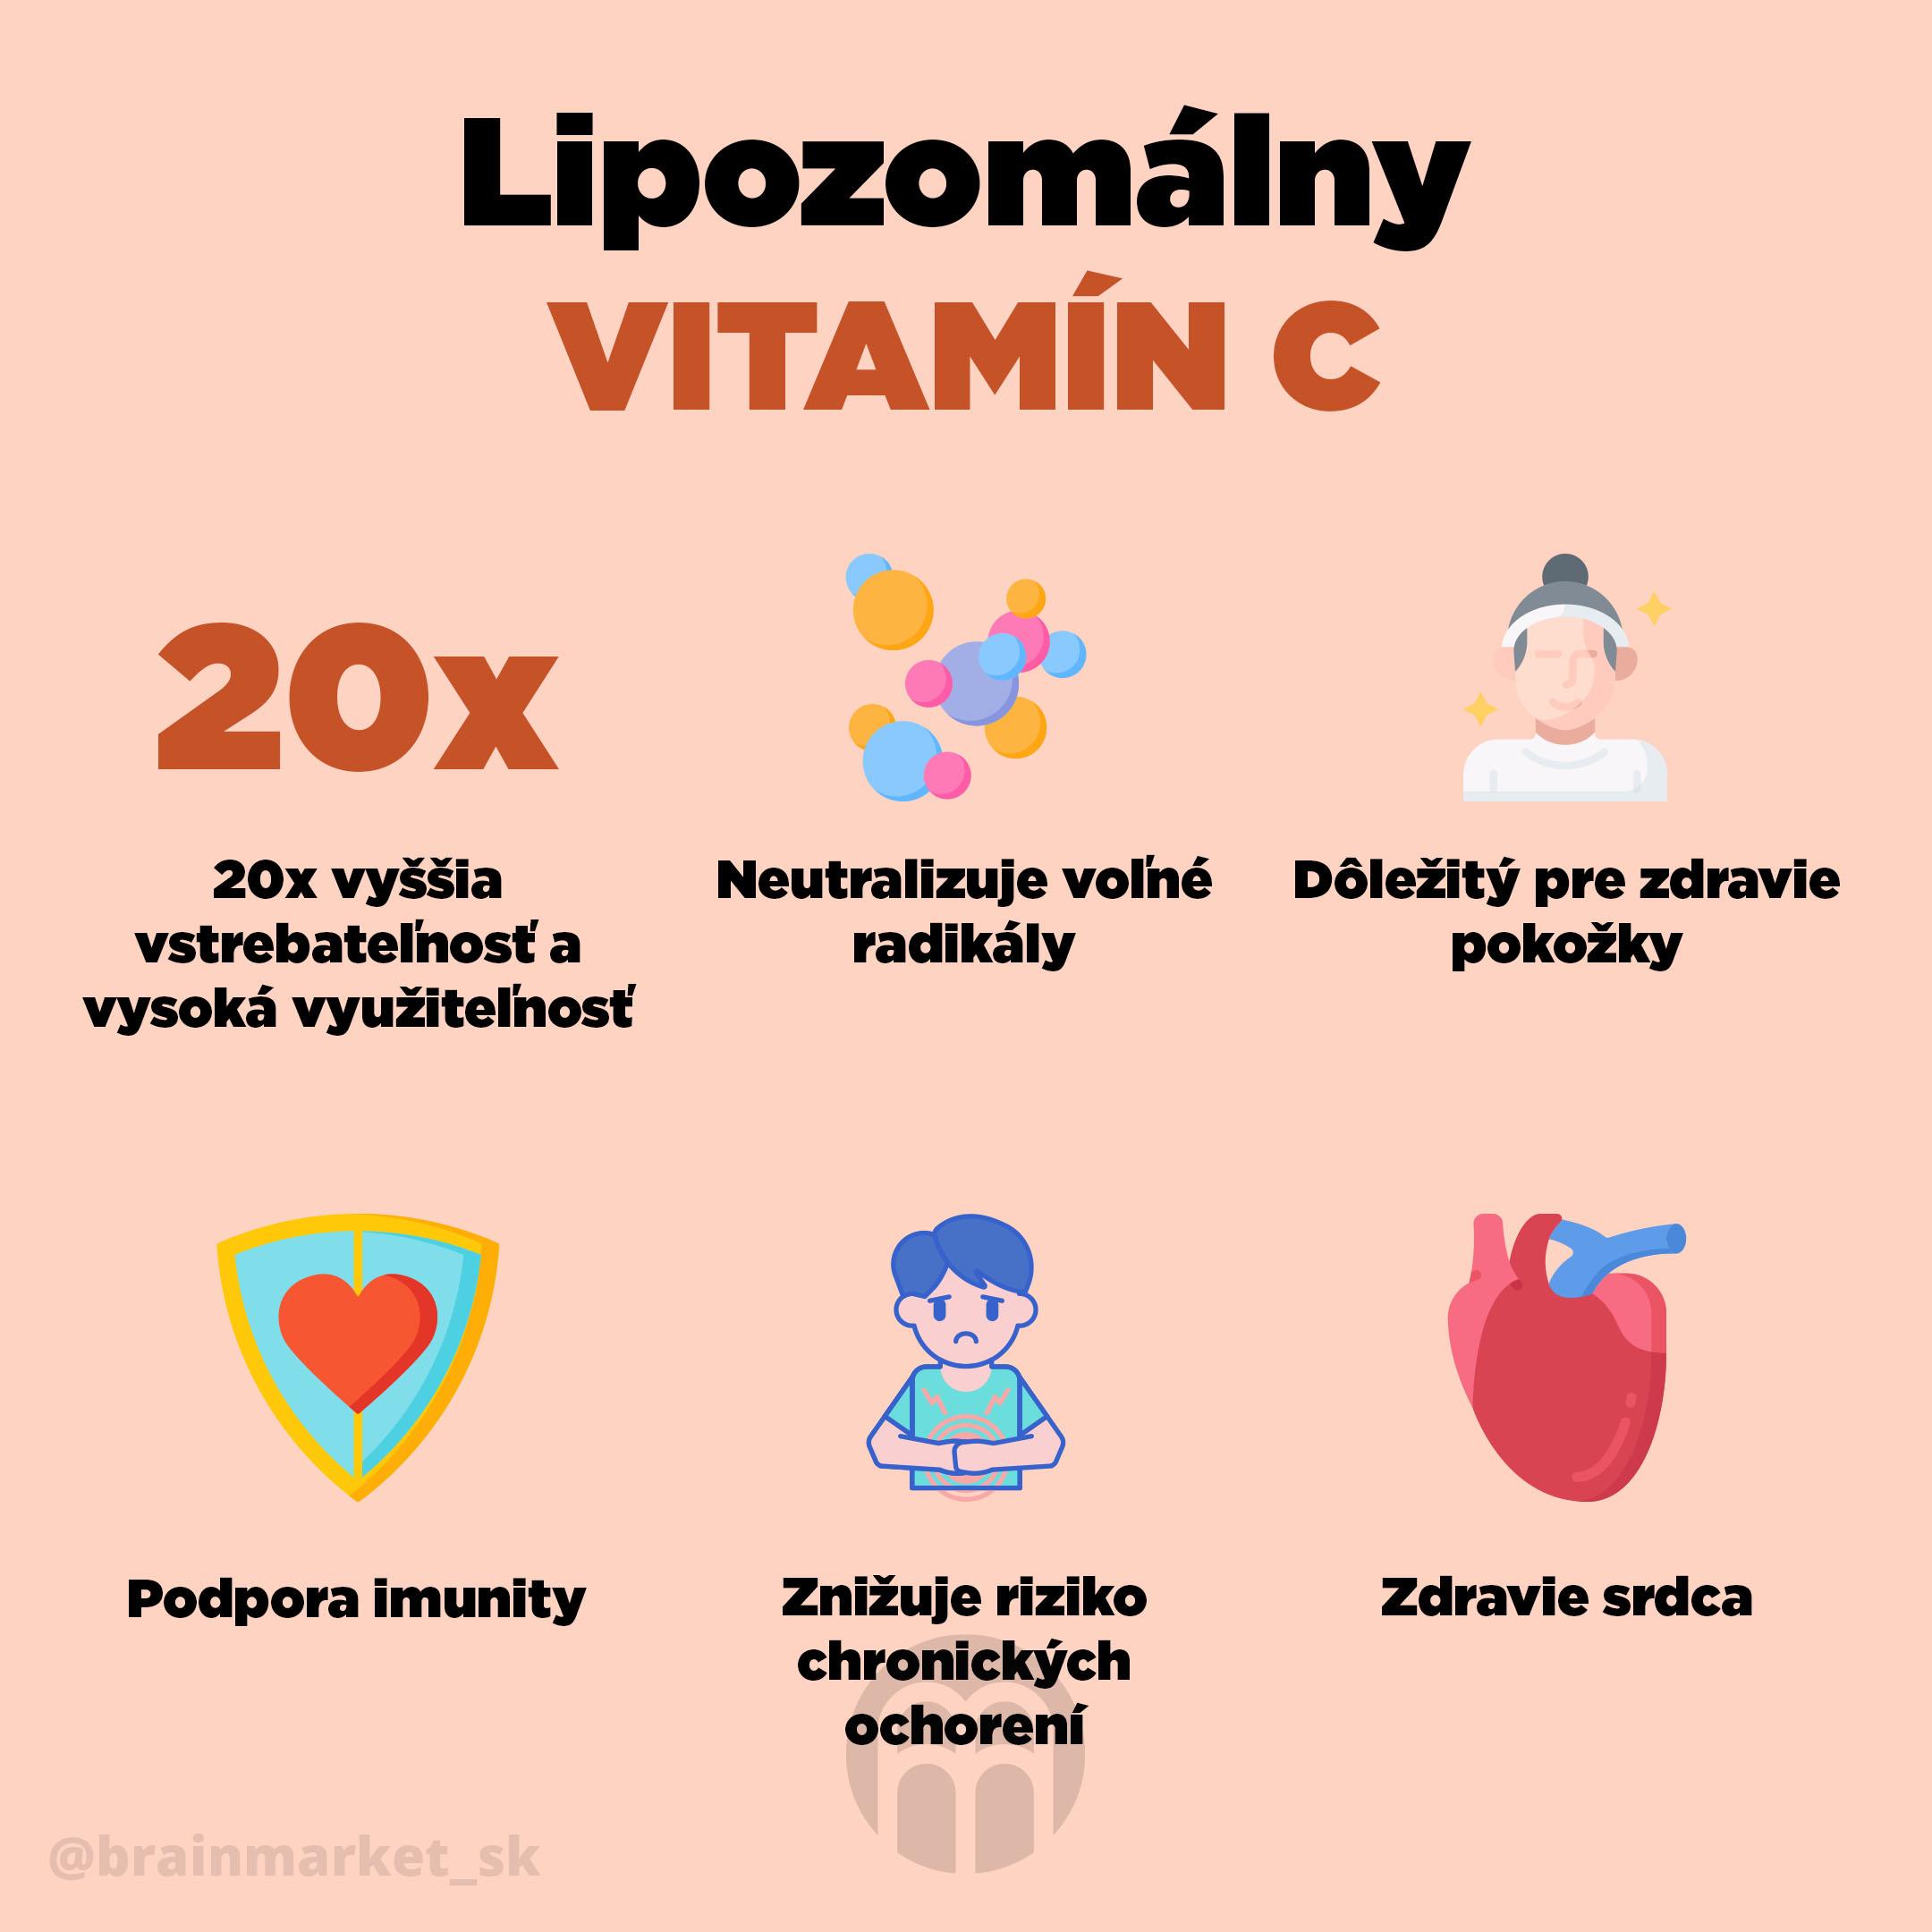 Lipozomálny vitamin C